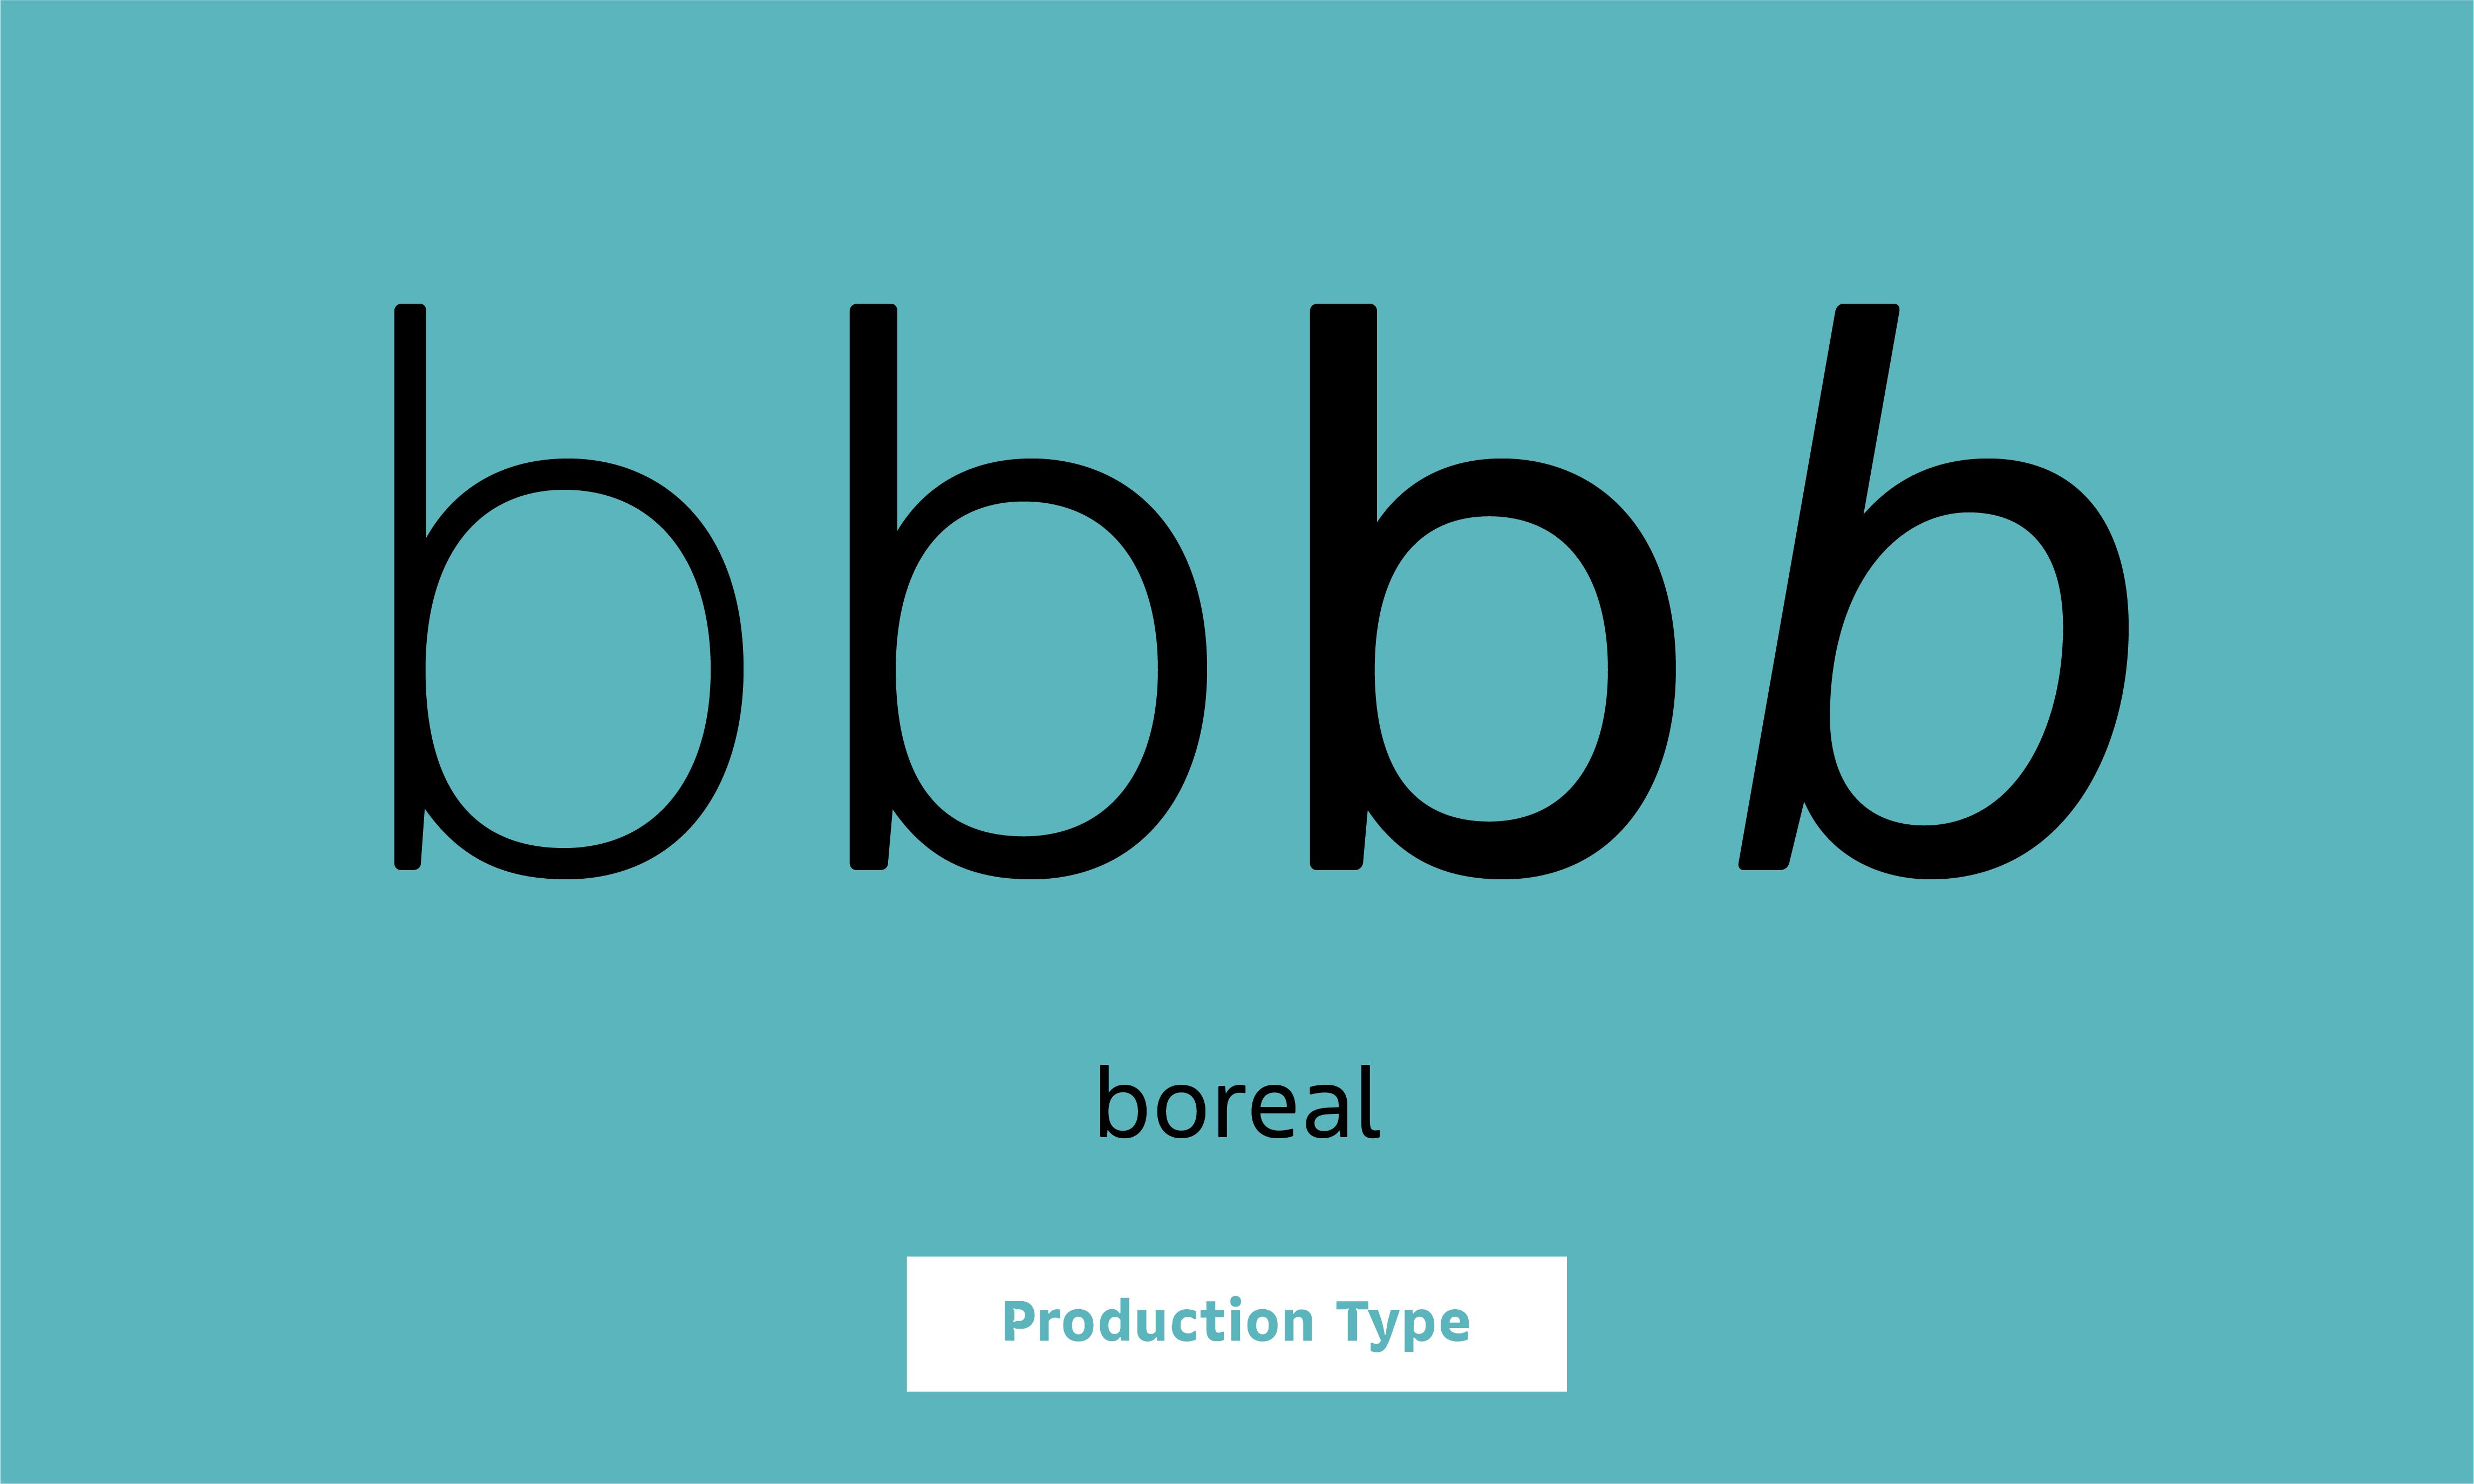 boreal 메인